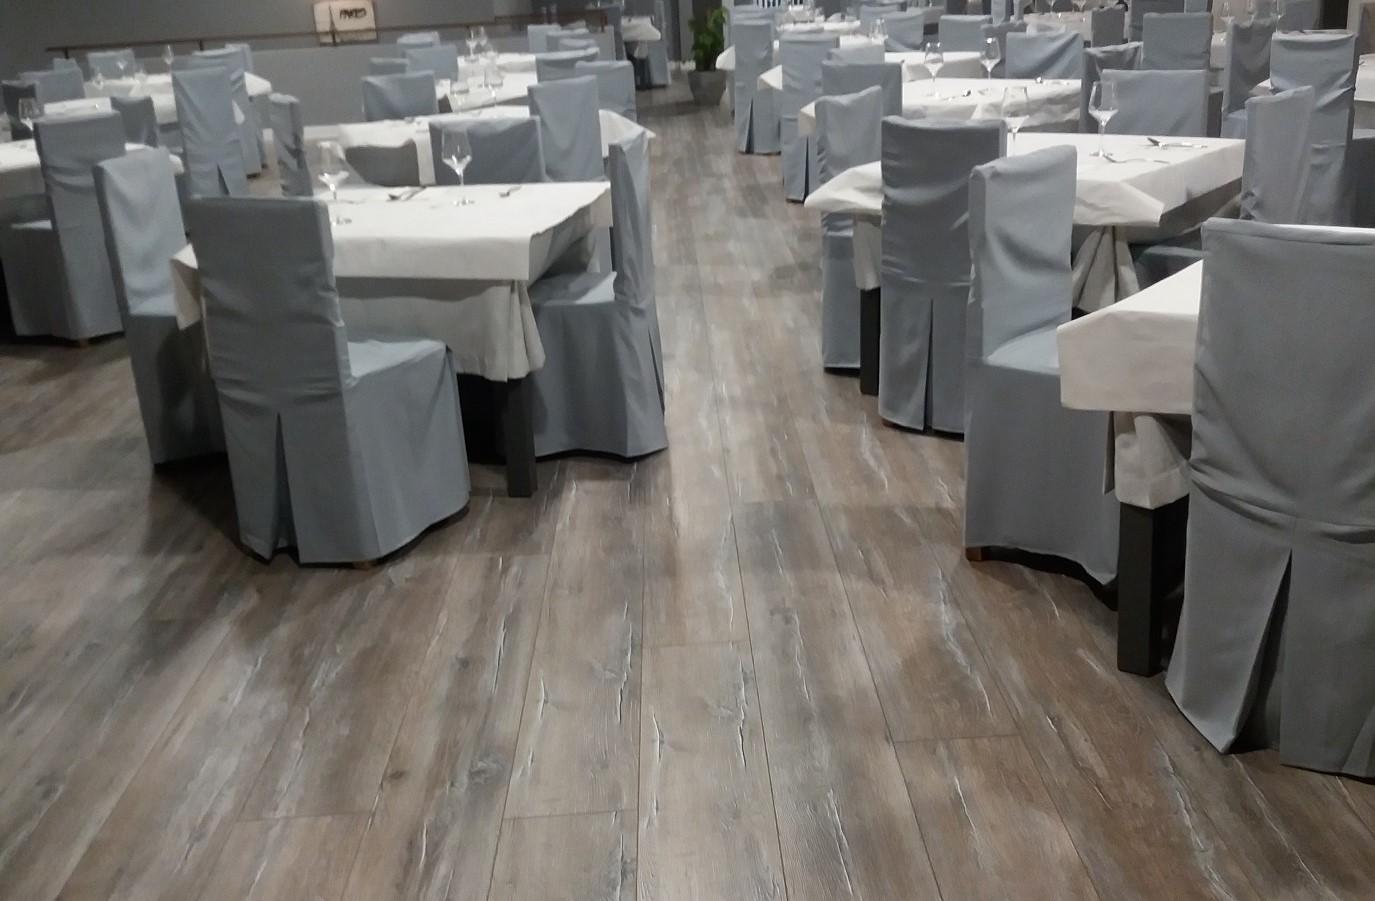 Proyectos Más Madera:  Instalación de suelo laminado AC5 12 mm indicado para restaurantes